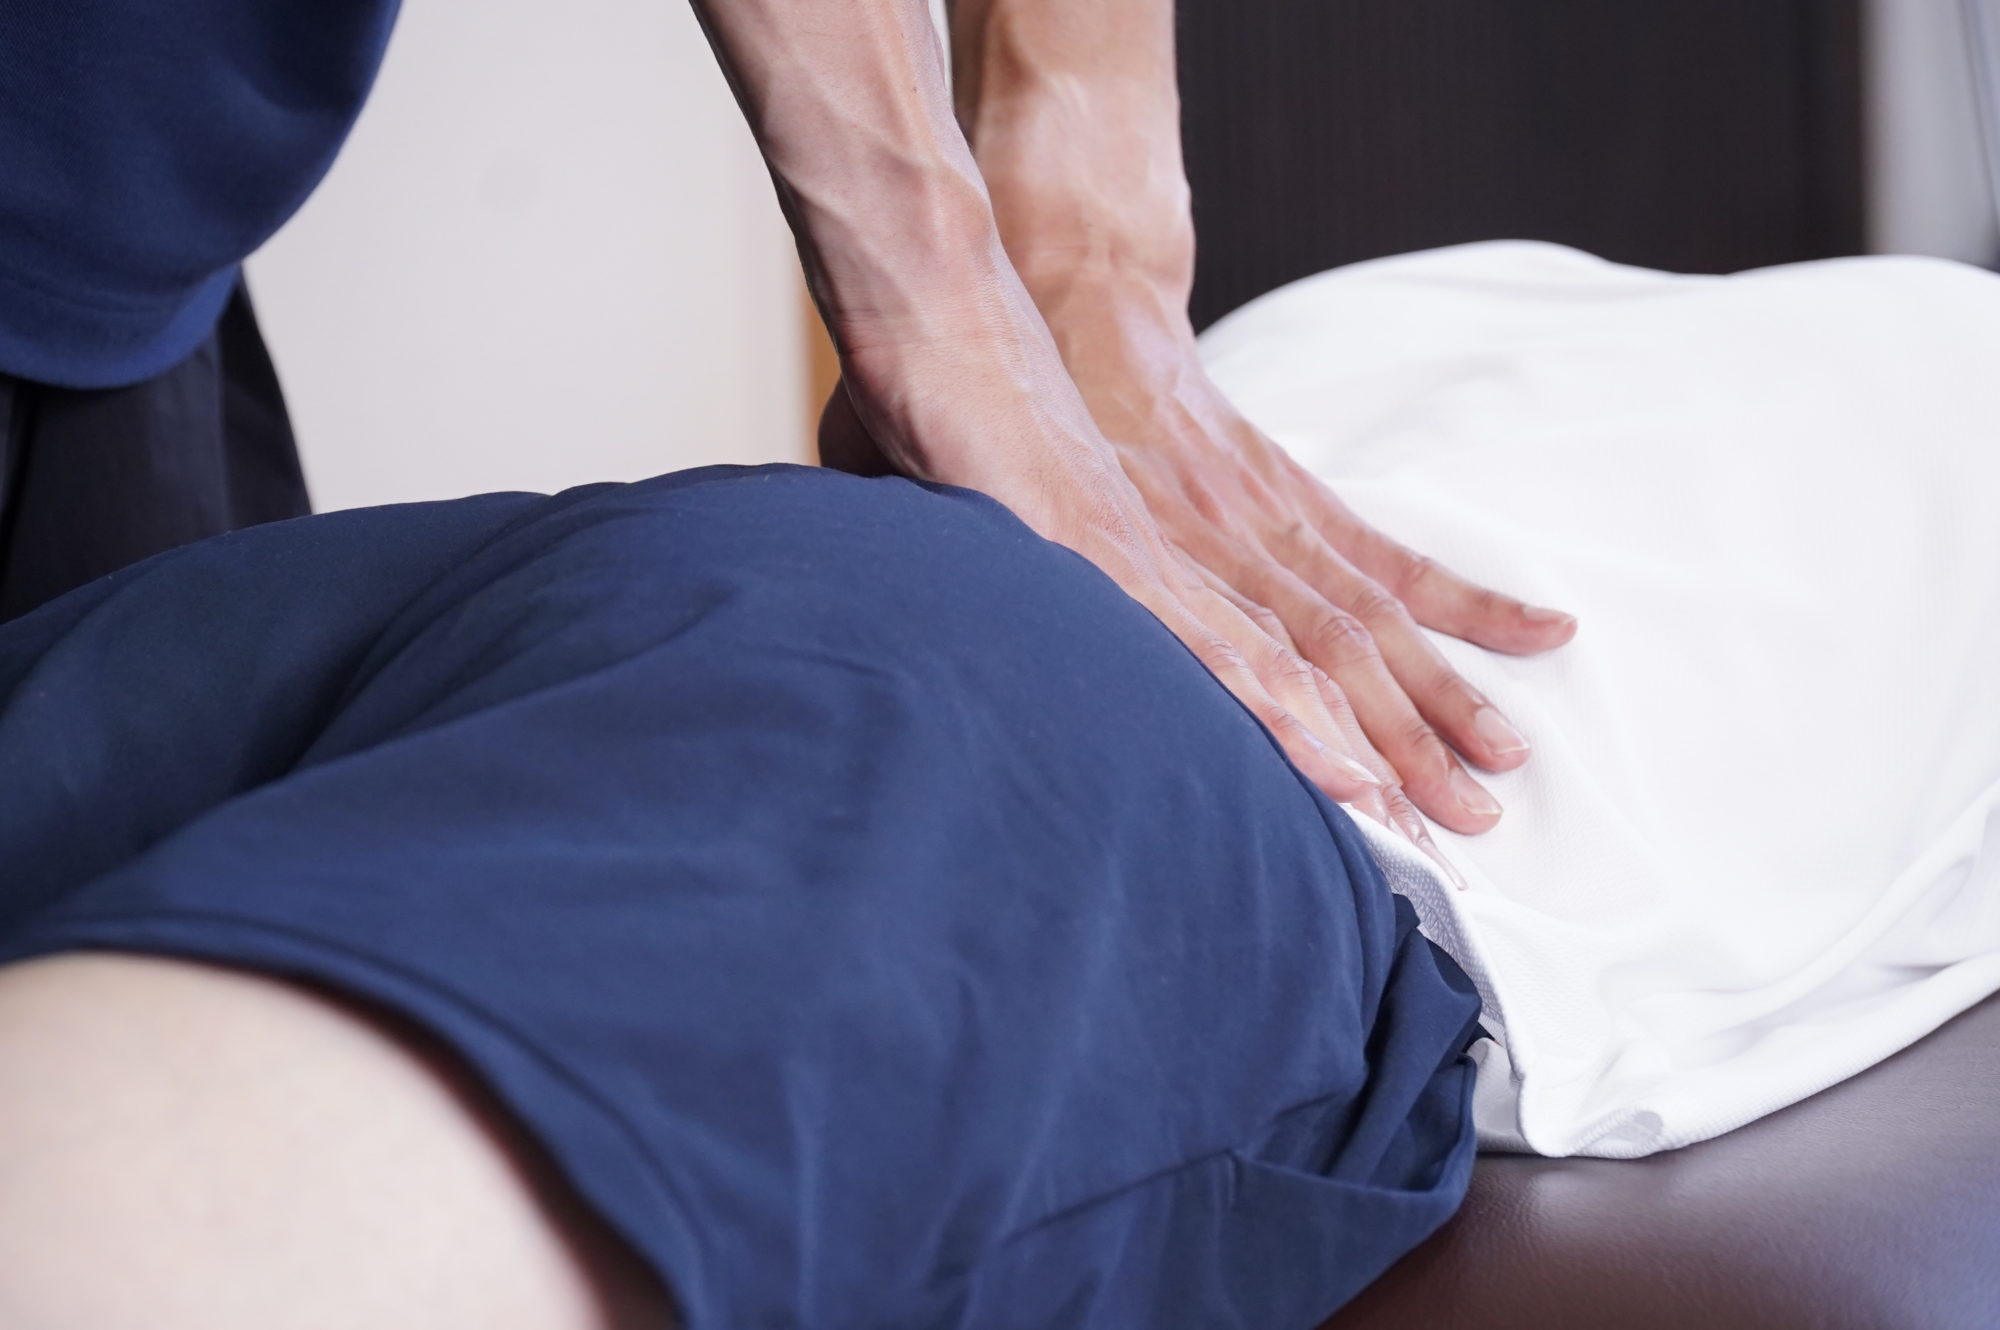 腰 が 重い 症状から腰痛の原因を調べる「2.腰の違和感・不快感(だるさ、疲れ、コ...